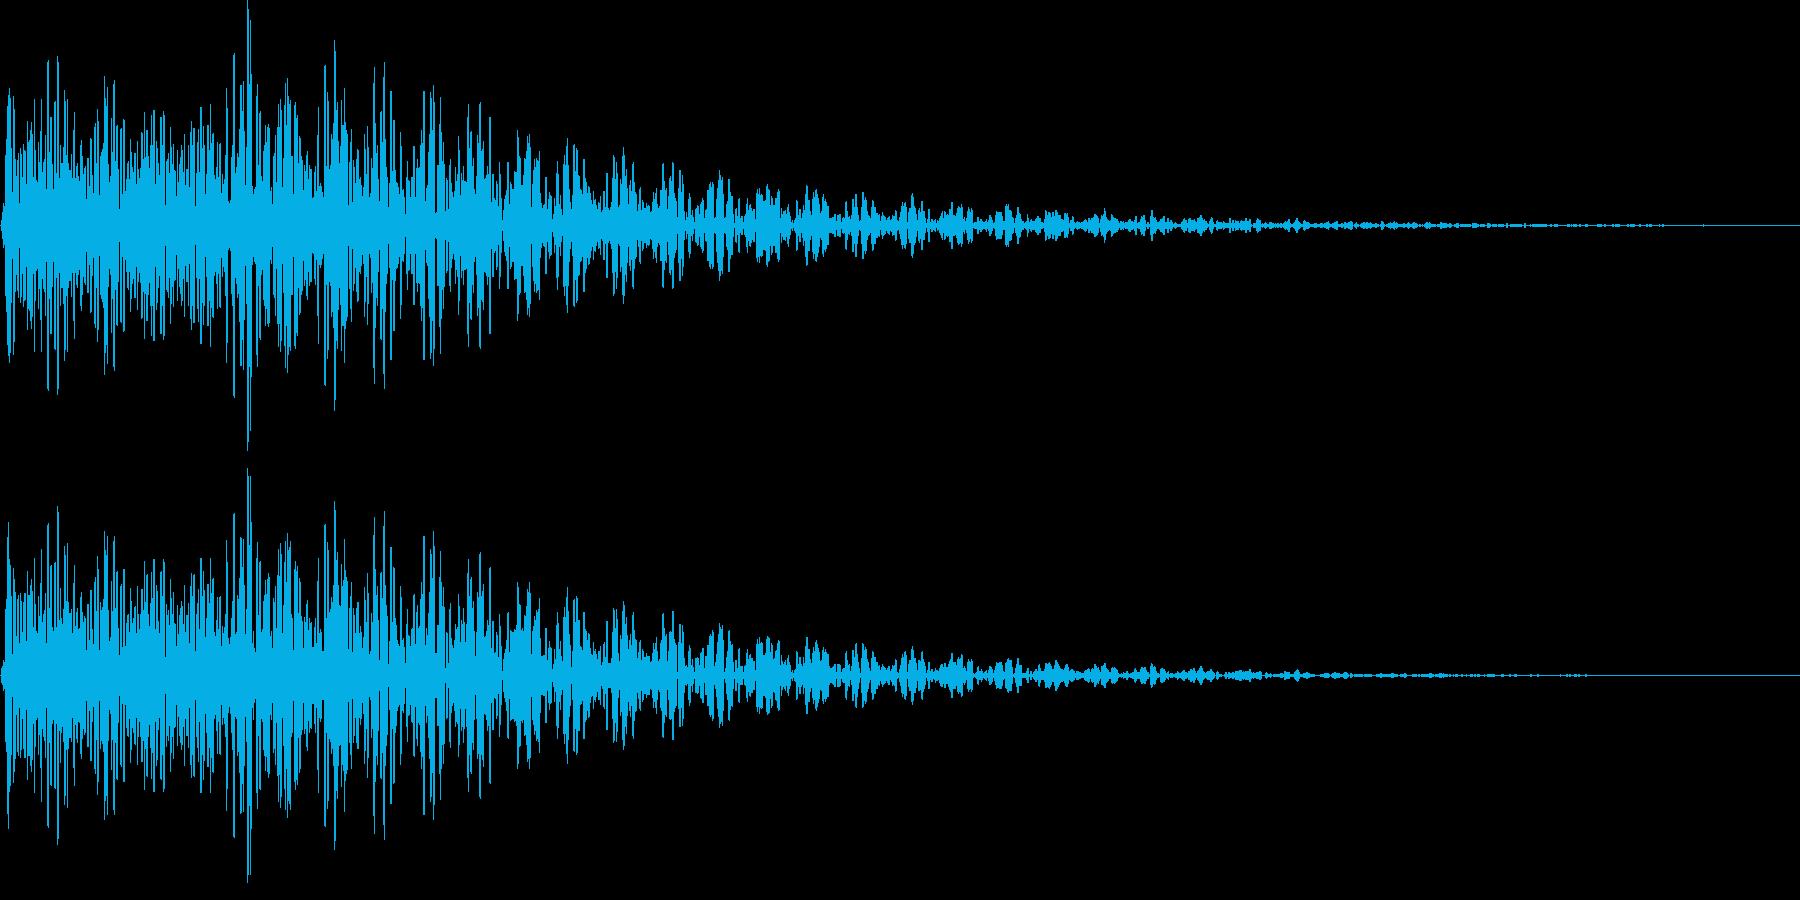 デデン(ミス、キャンセル、ガムラン)の再生済みの波形